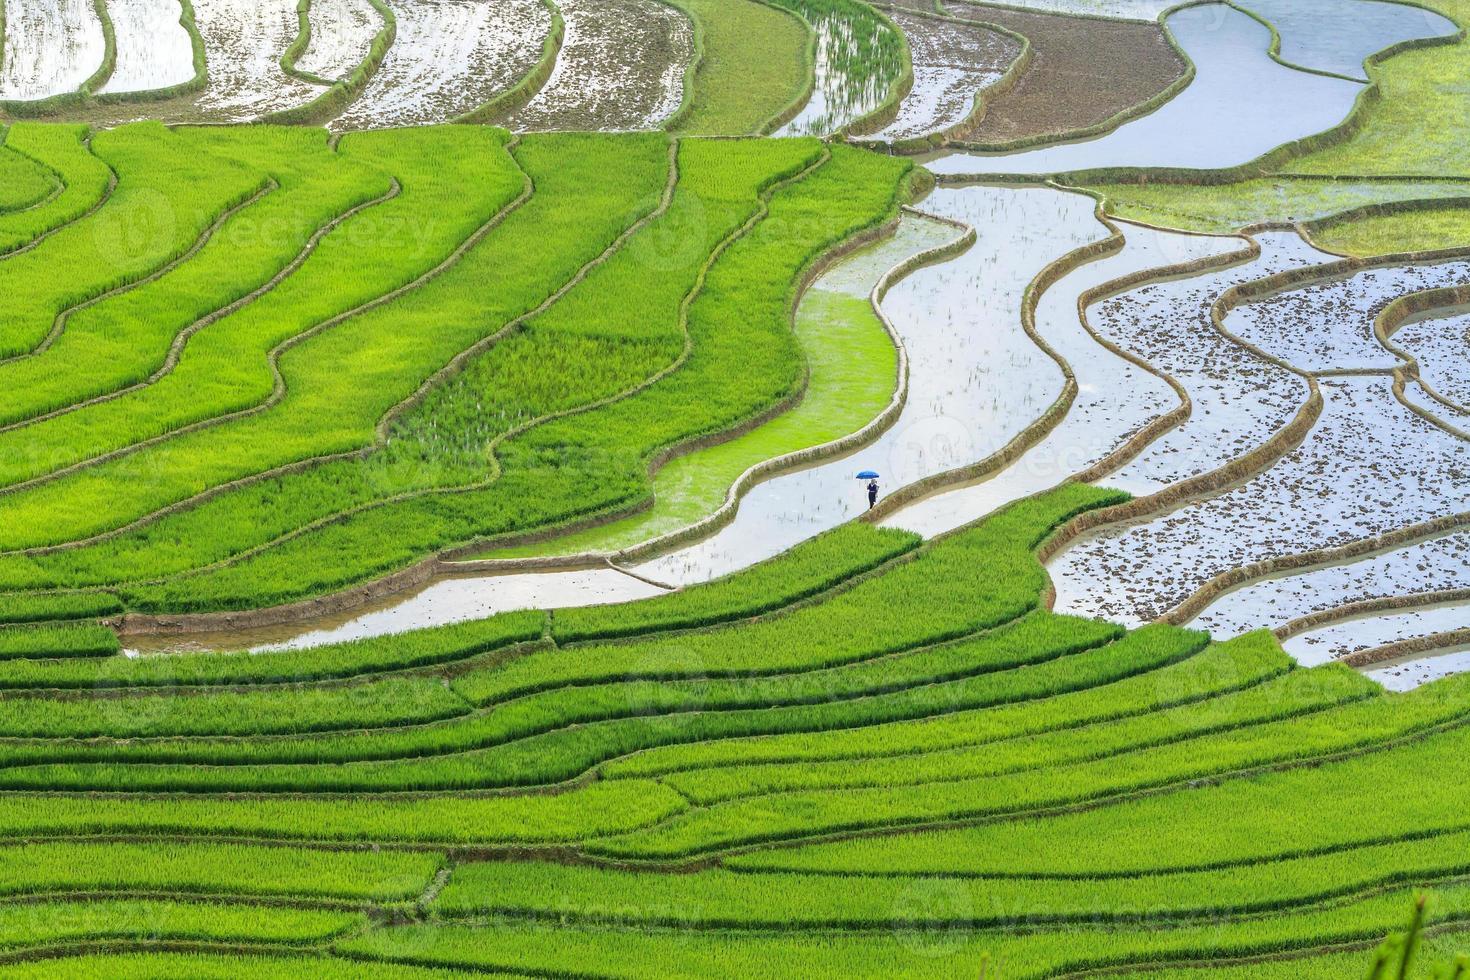 campo de arroz en terrazas foto